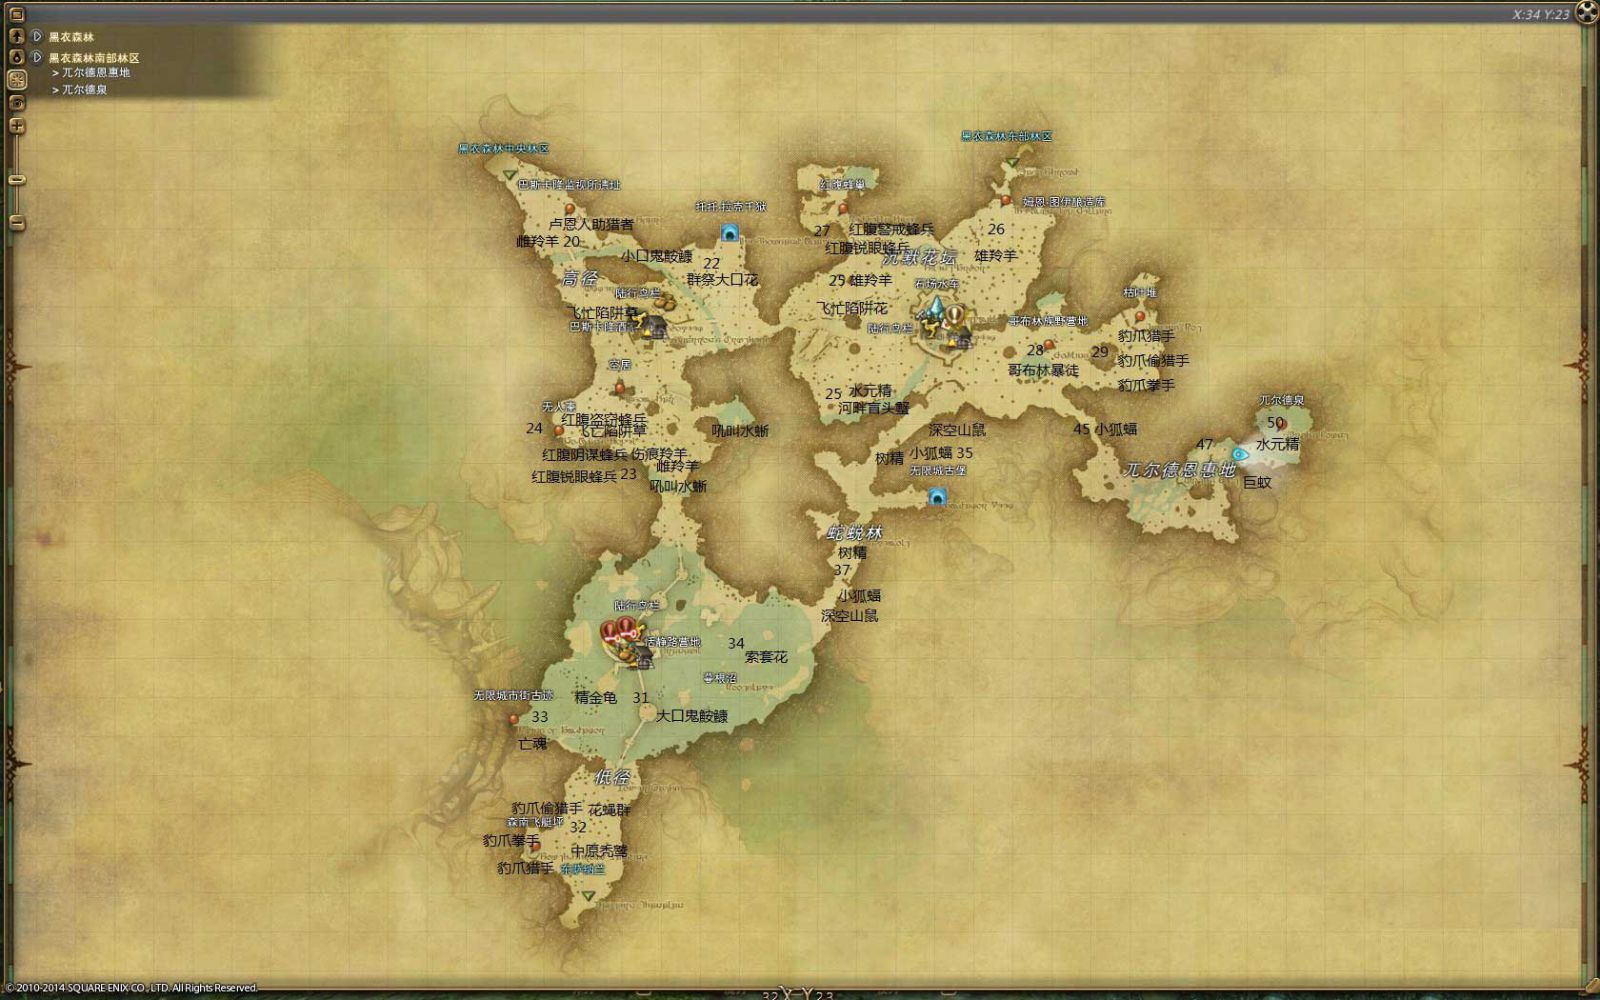 《最终幻想14》地图: 黑衣森林南部区域